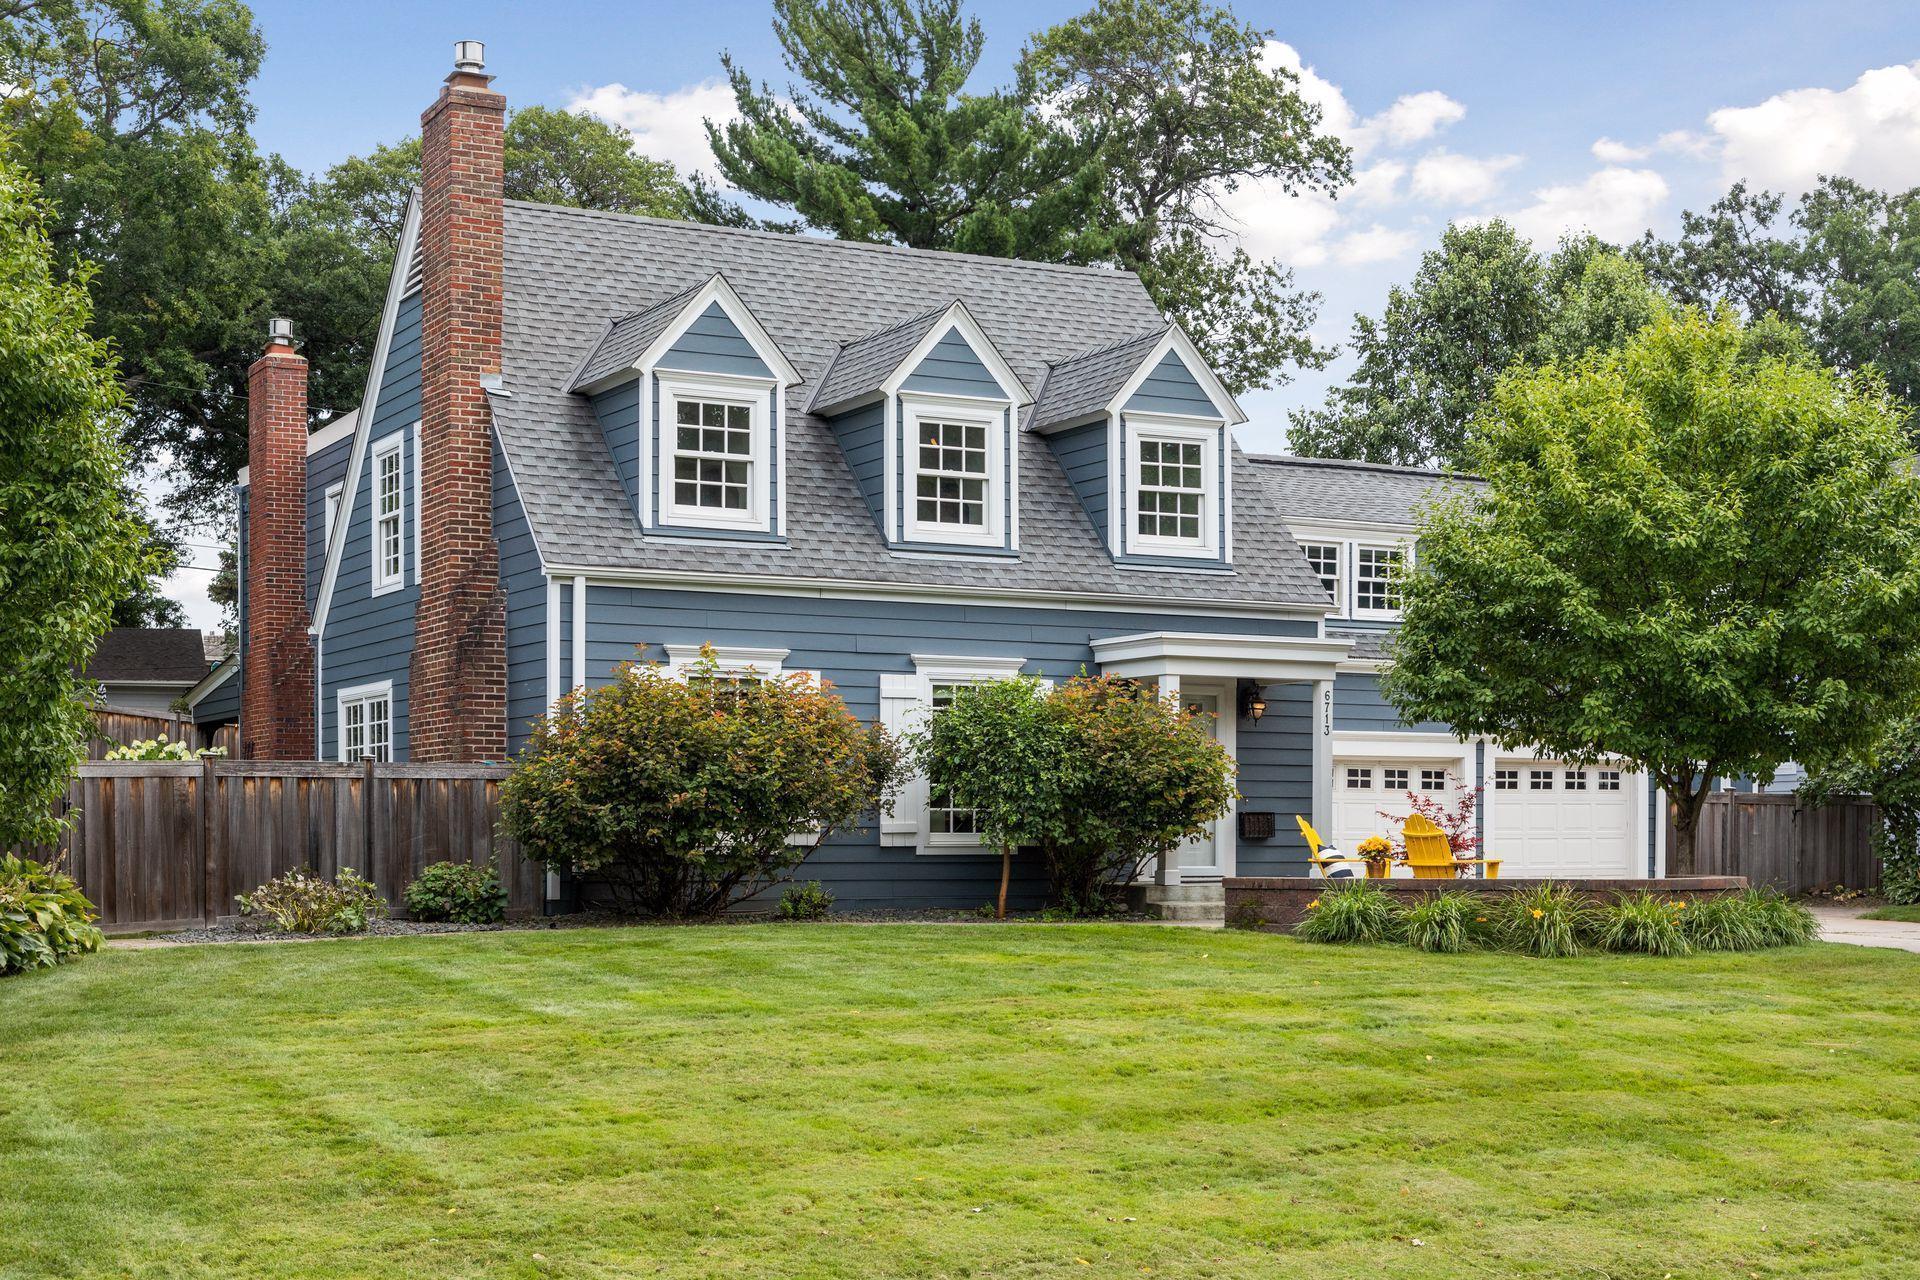 6713 Wooddale Avenue, Edina, Minnesota 55435, 4 Bedrooms Bedrooms, ,2 BathroomsBathrooms,Residential,For Sale,Wooddale,NST6005333